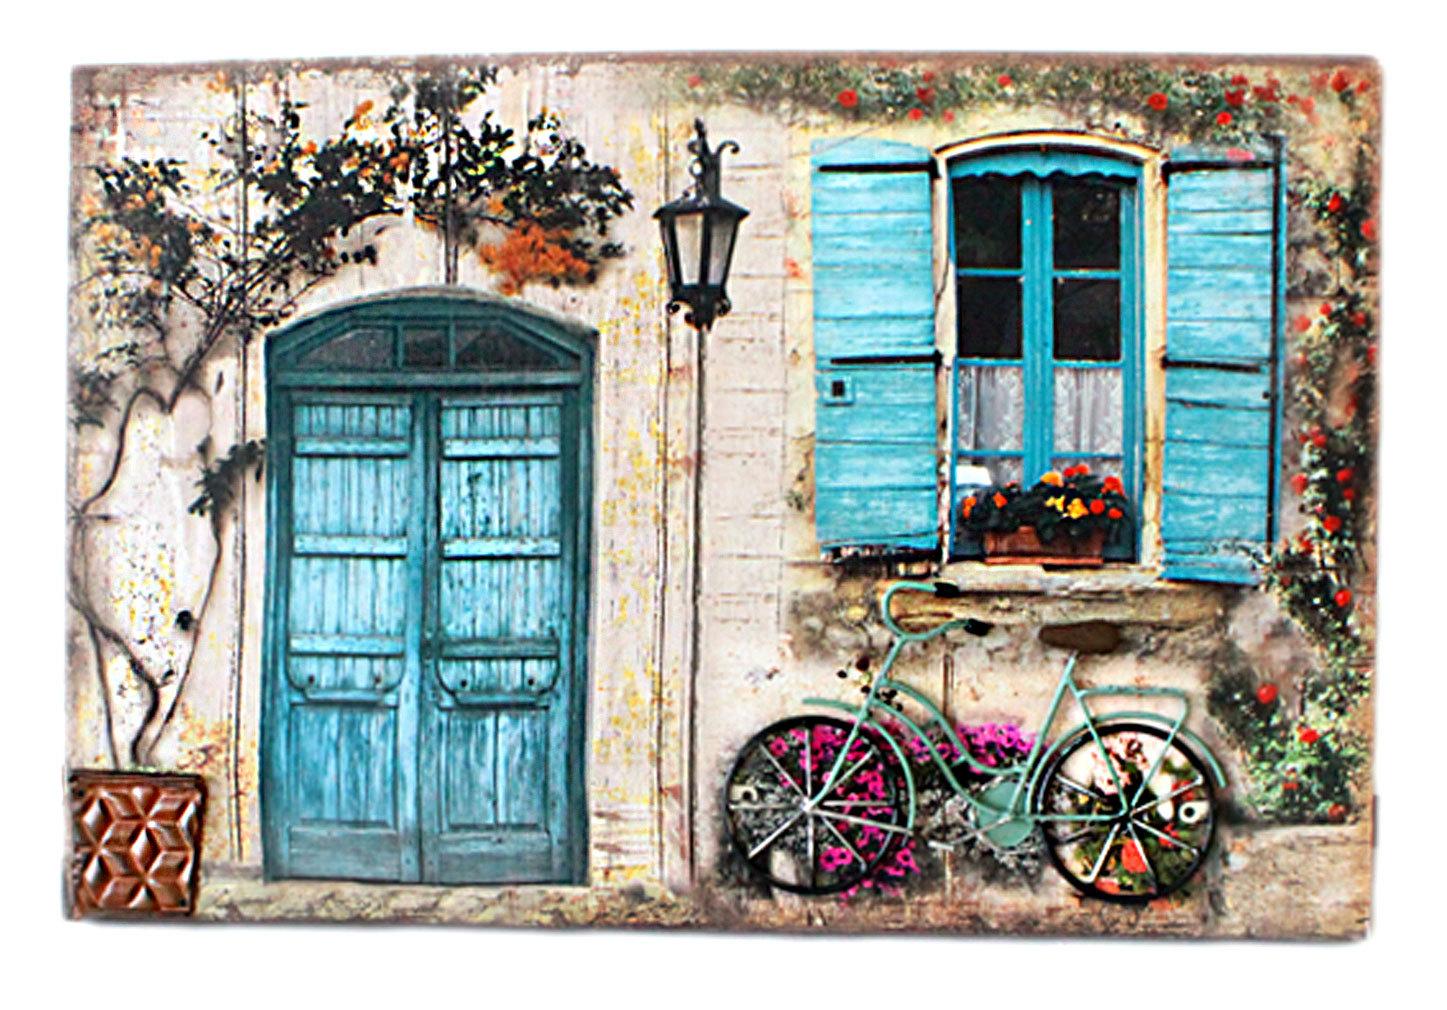 3D Wanddeko Wanddekoration Fahrrad Blumentopf Metall Canvas Wandbild